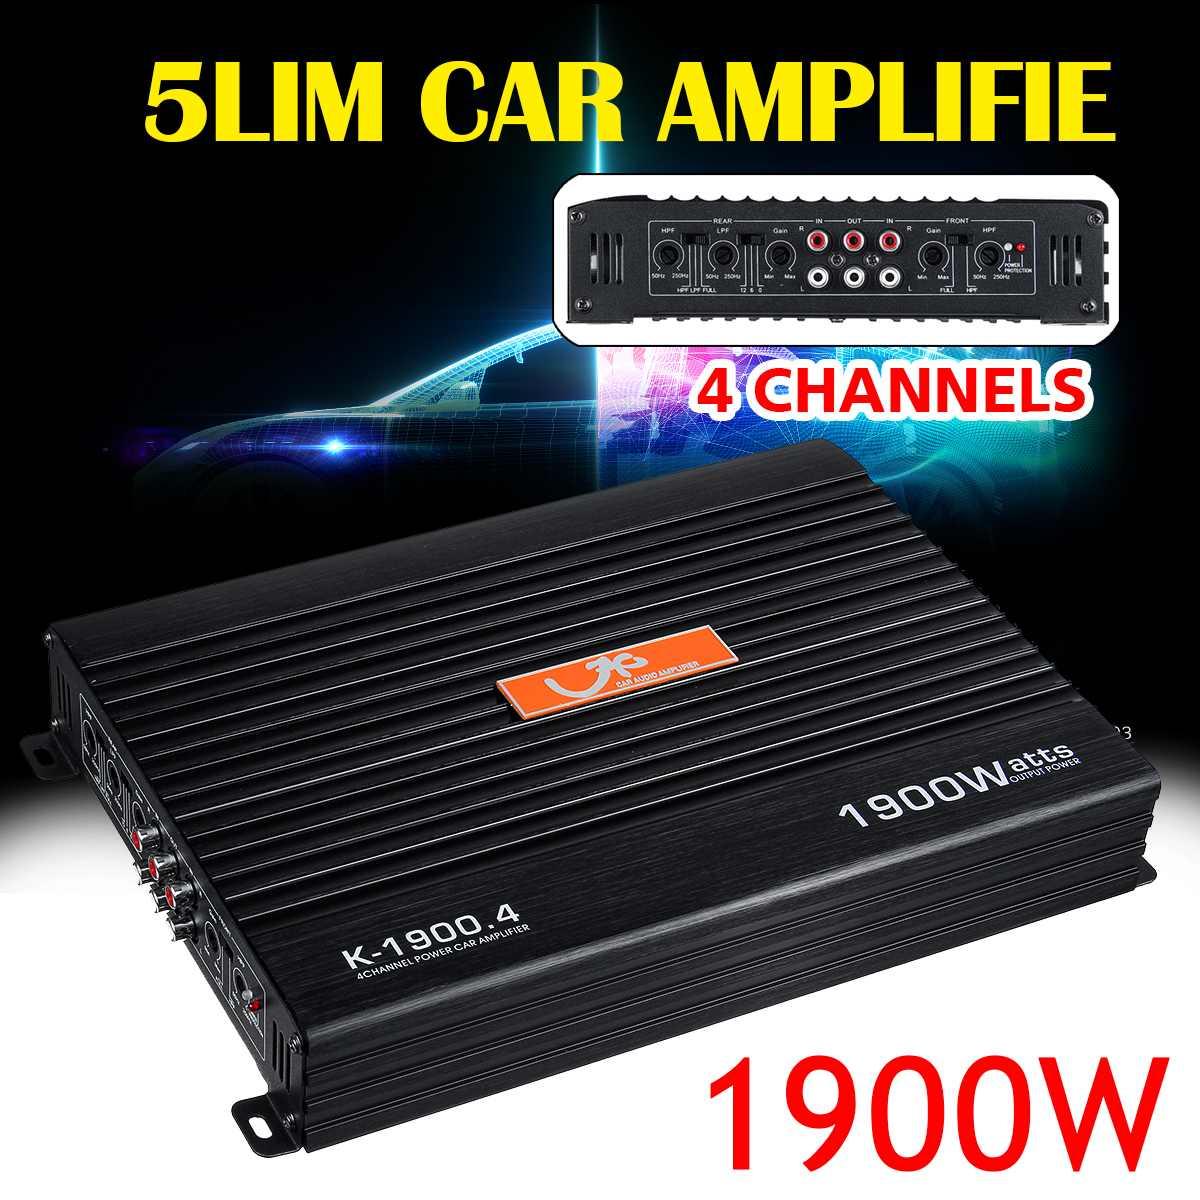 Amplificador de Audio para coche DC12V 4CH 1900W, Amplificador de potencia de Audio HIFI, Amplificador estéreo con Radio FM y USB